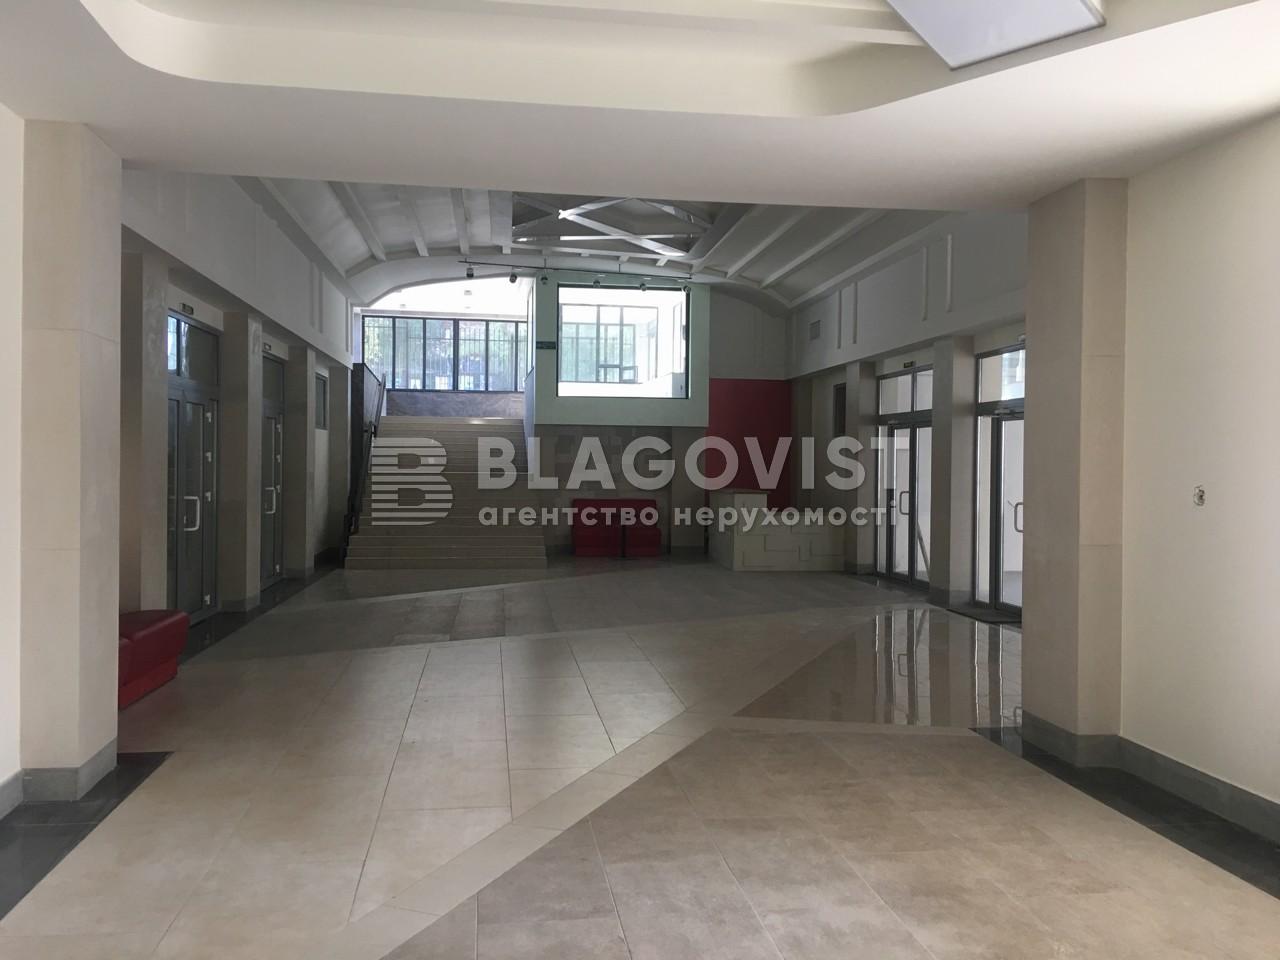 Бизнес-центр, Глубочицкая, Киев, D-35533 - Фото 7